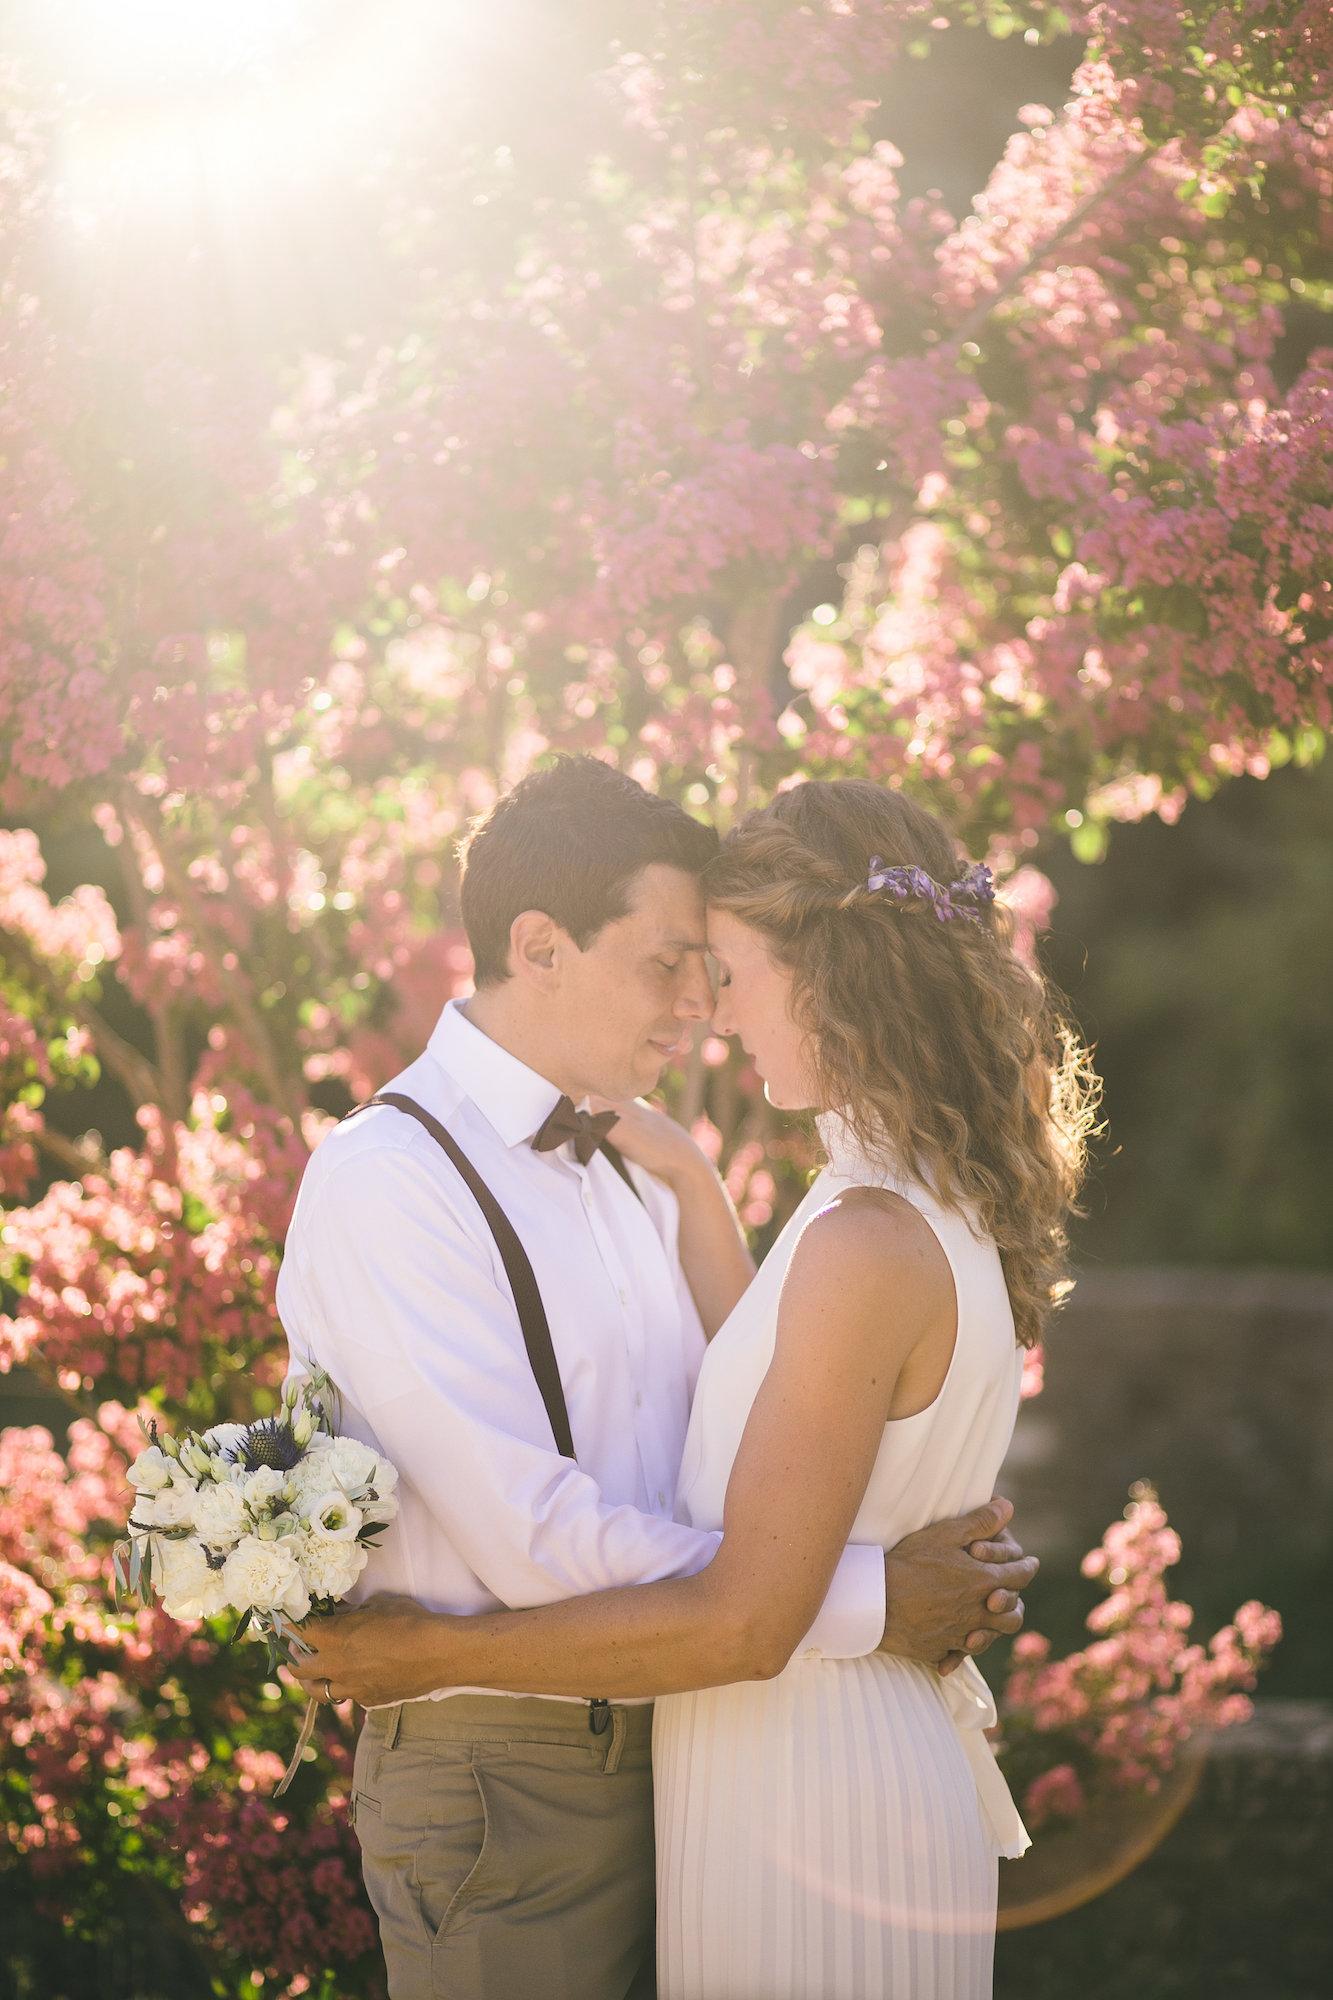 le coeur dans les etoiles - wedding planner - gard - provence - mariage provence - L&C - sebastien cabanes - photo de couple 6